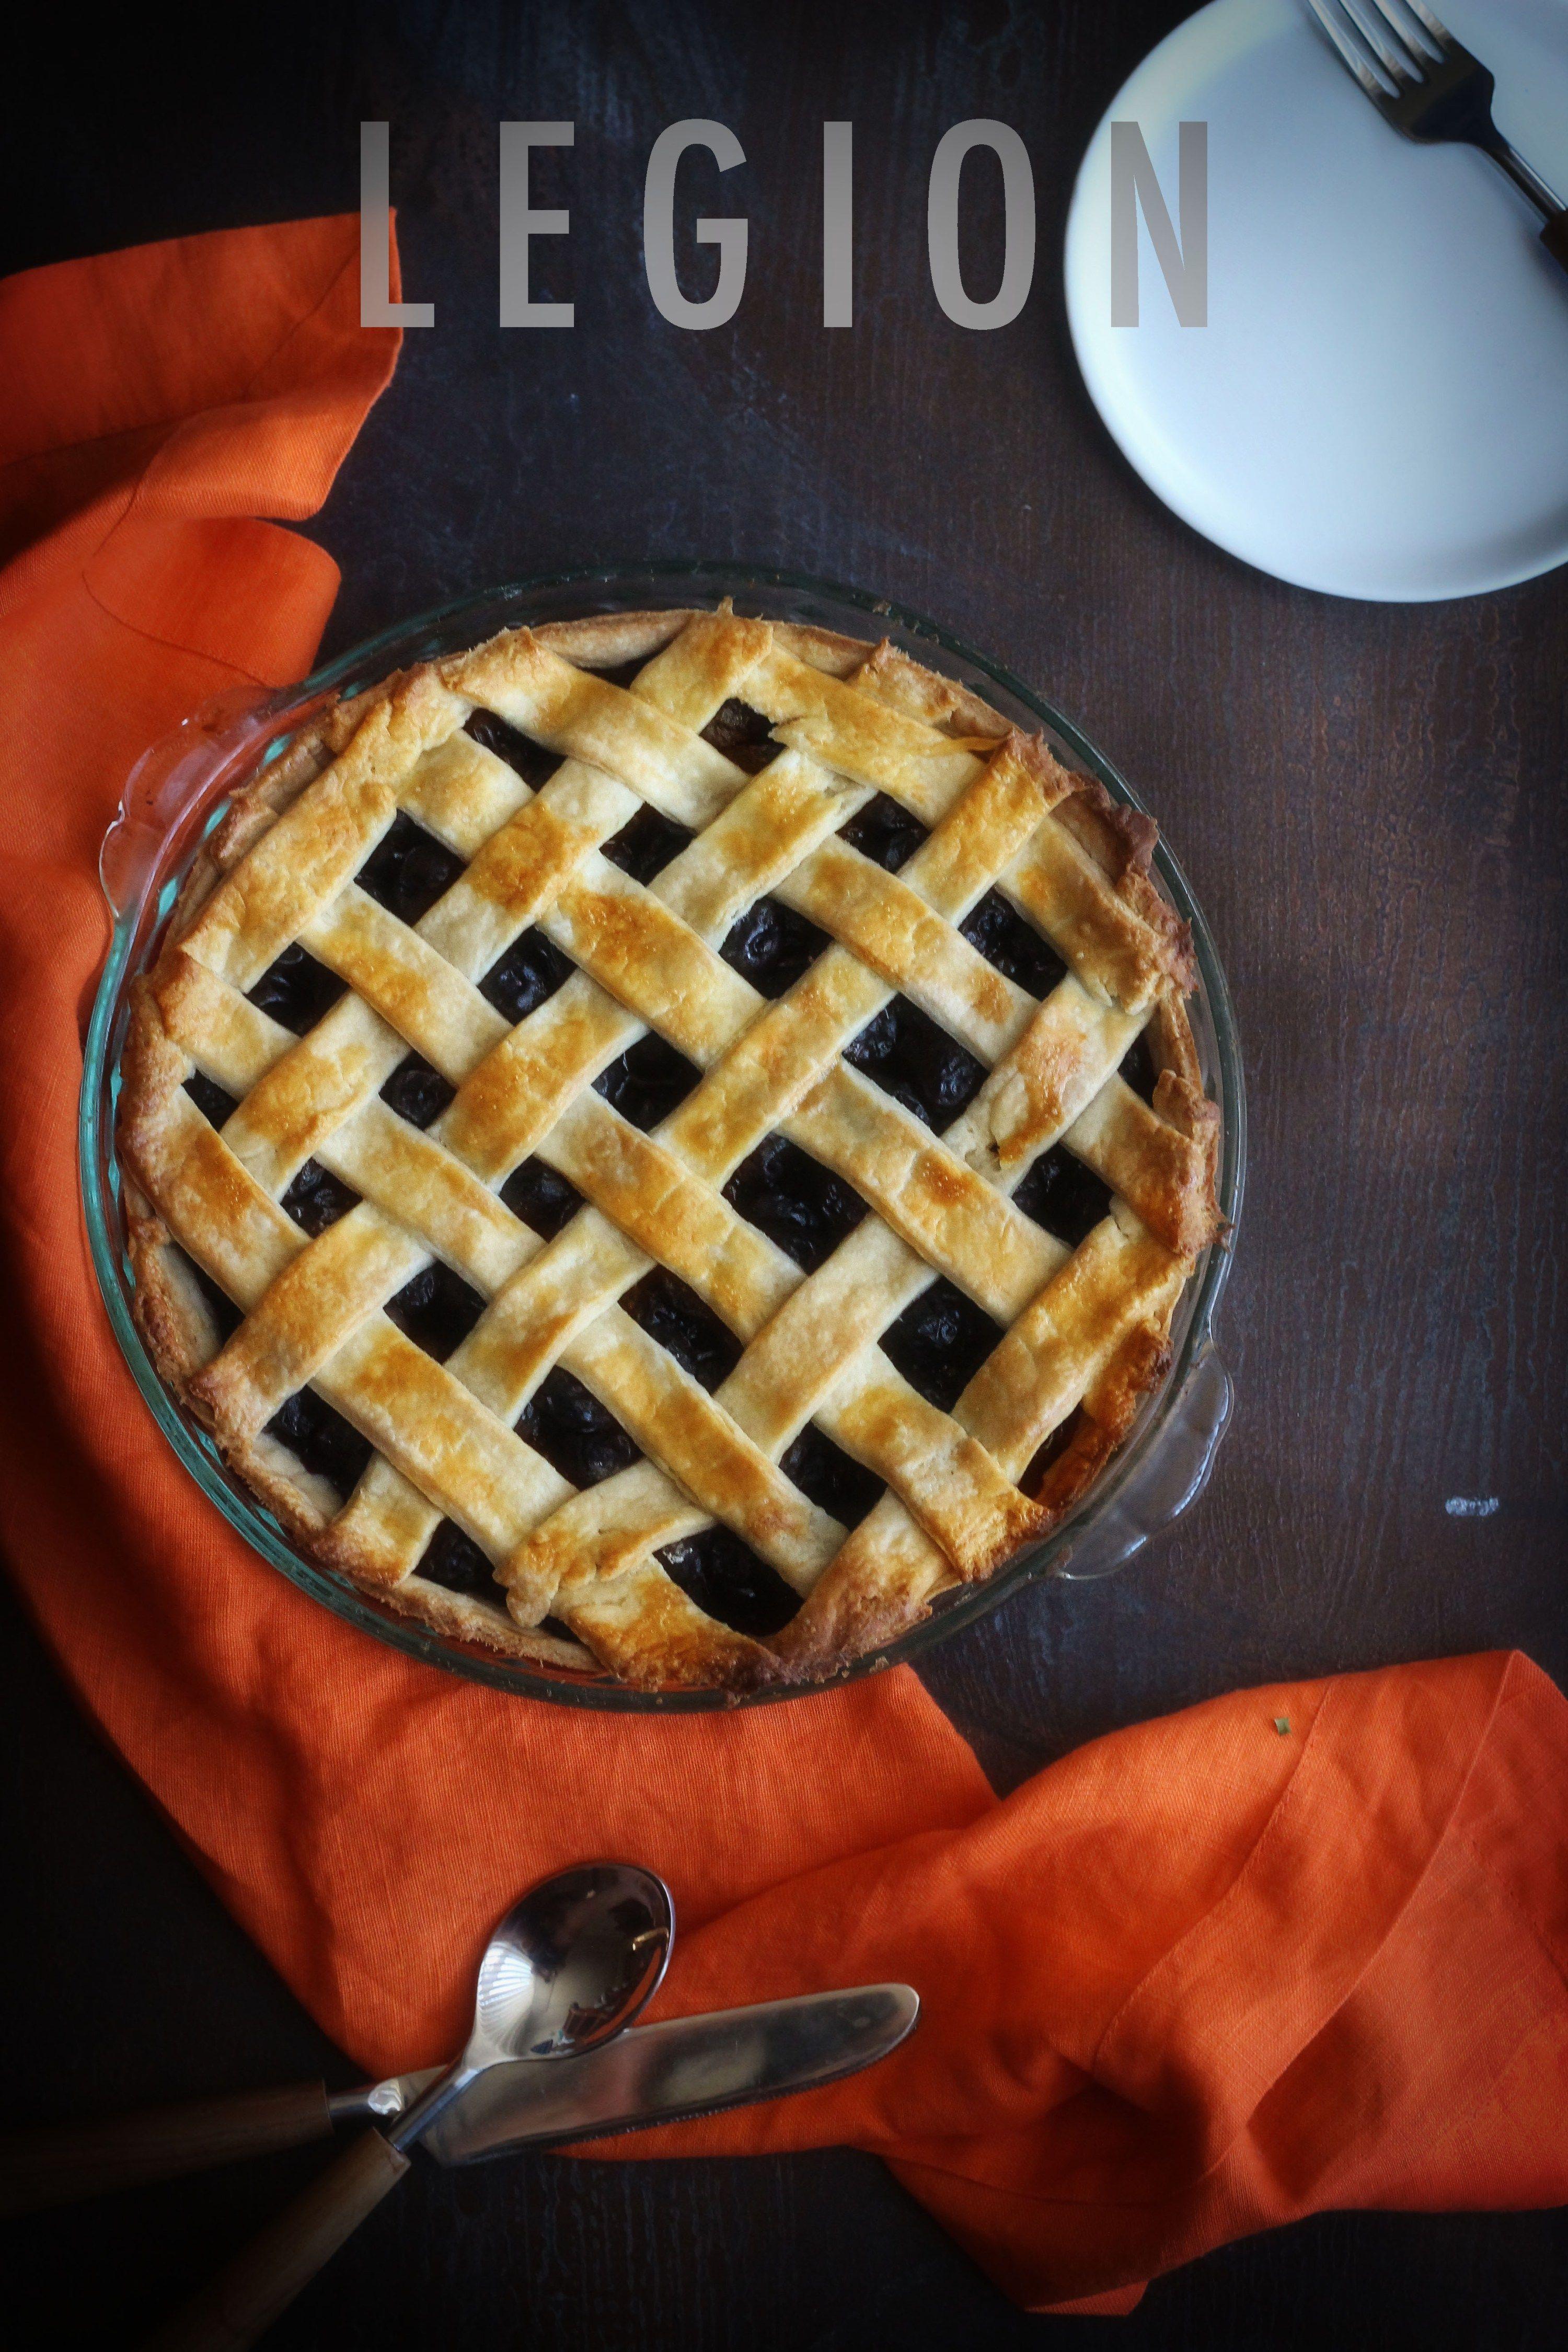 Marvels legion cherry pie recipe fandominspired food food marvels legion cherry pie recipe forumfinder Images